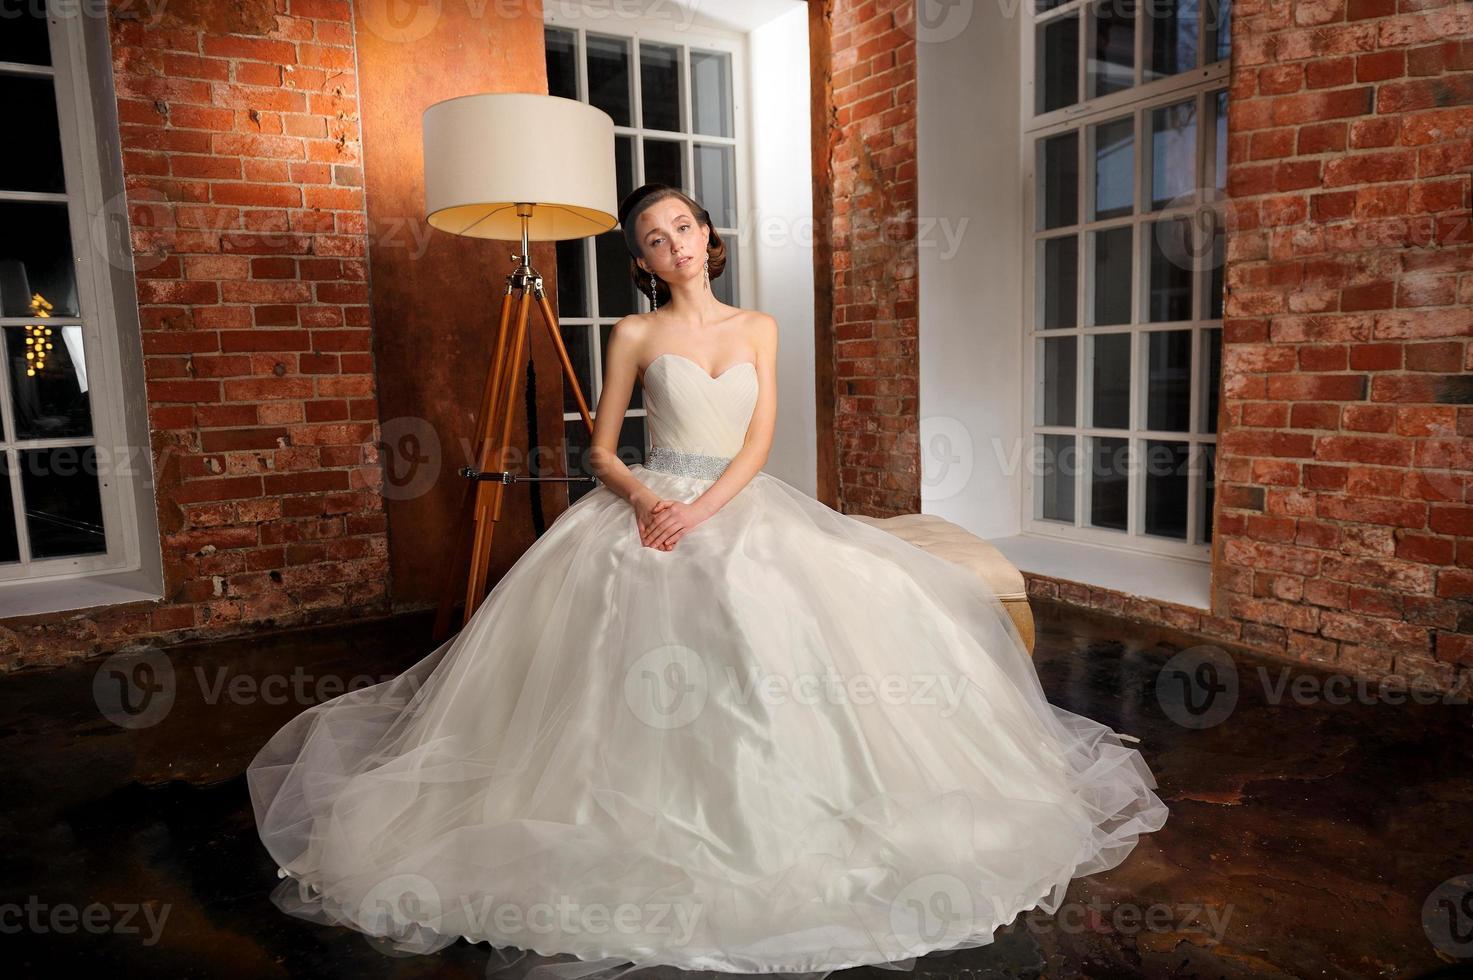 vackert brudsammanträde som poserar i hennes bröllopsklänning. studio. foto